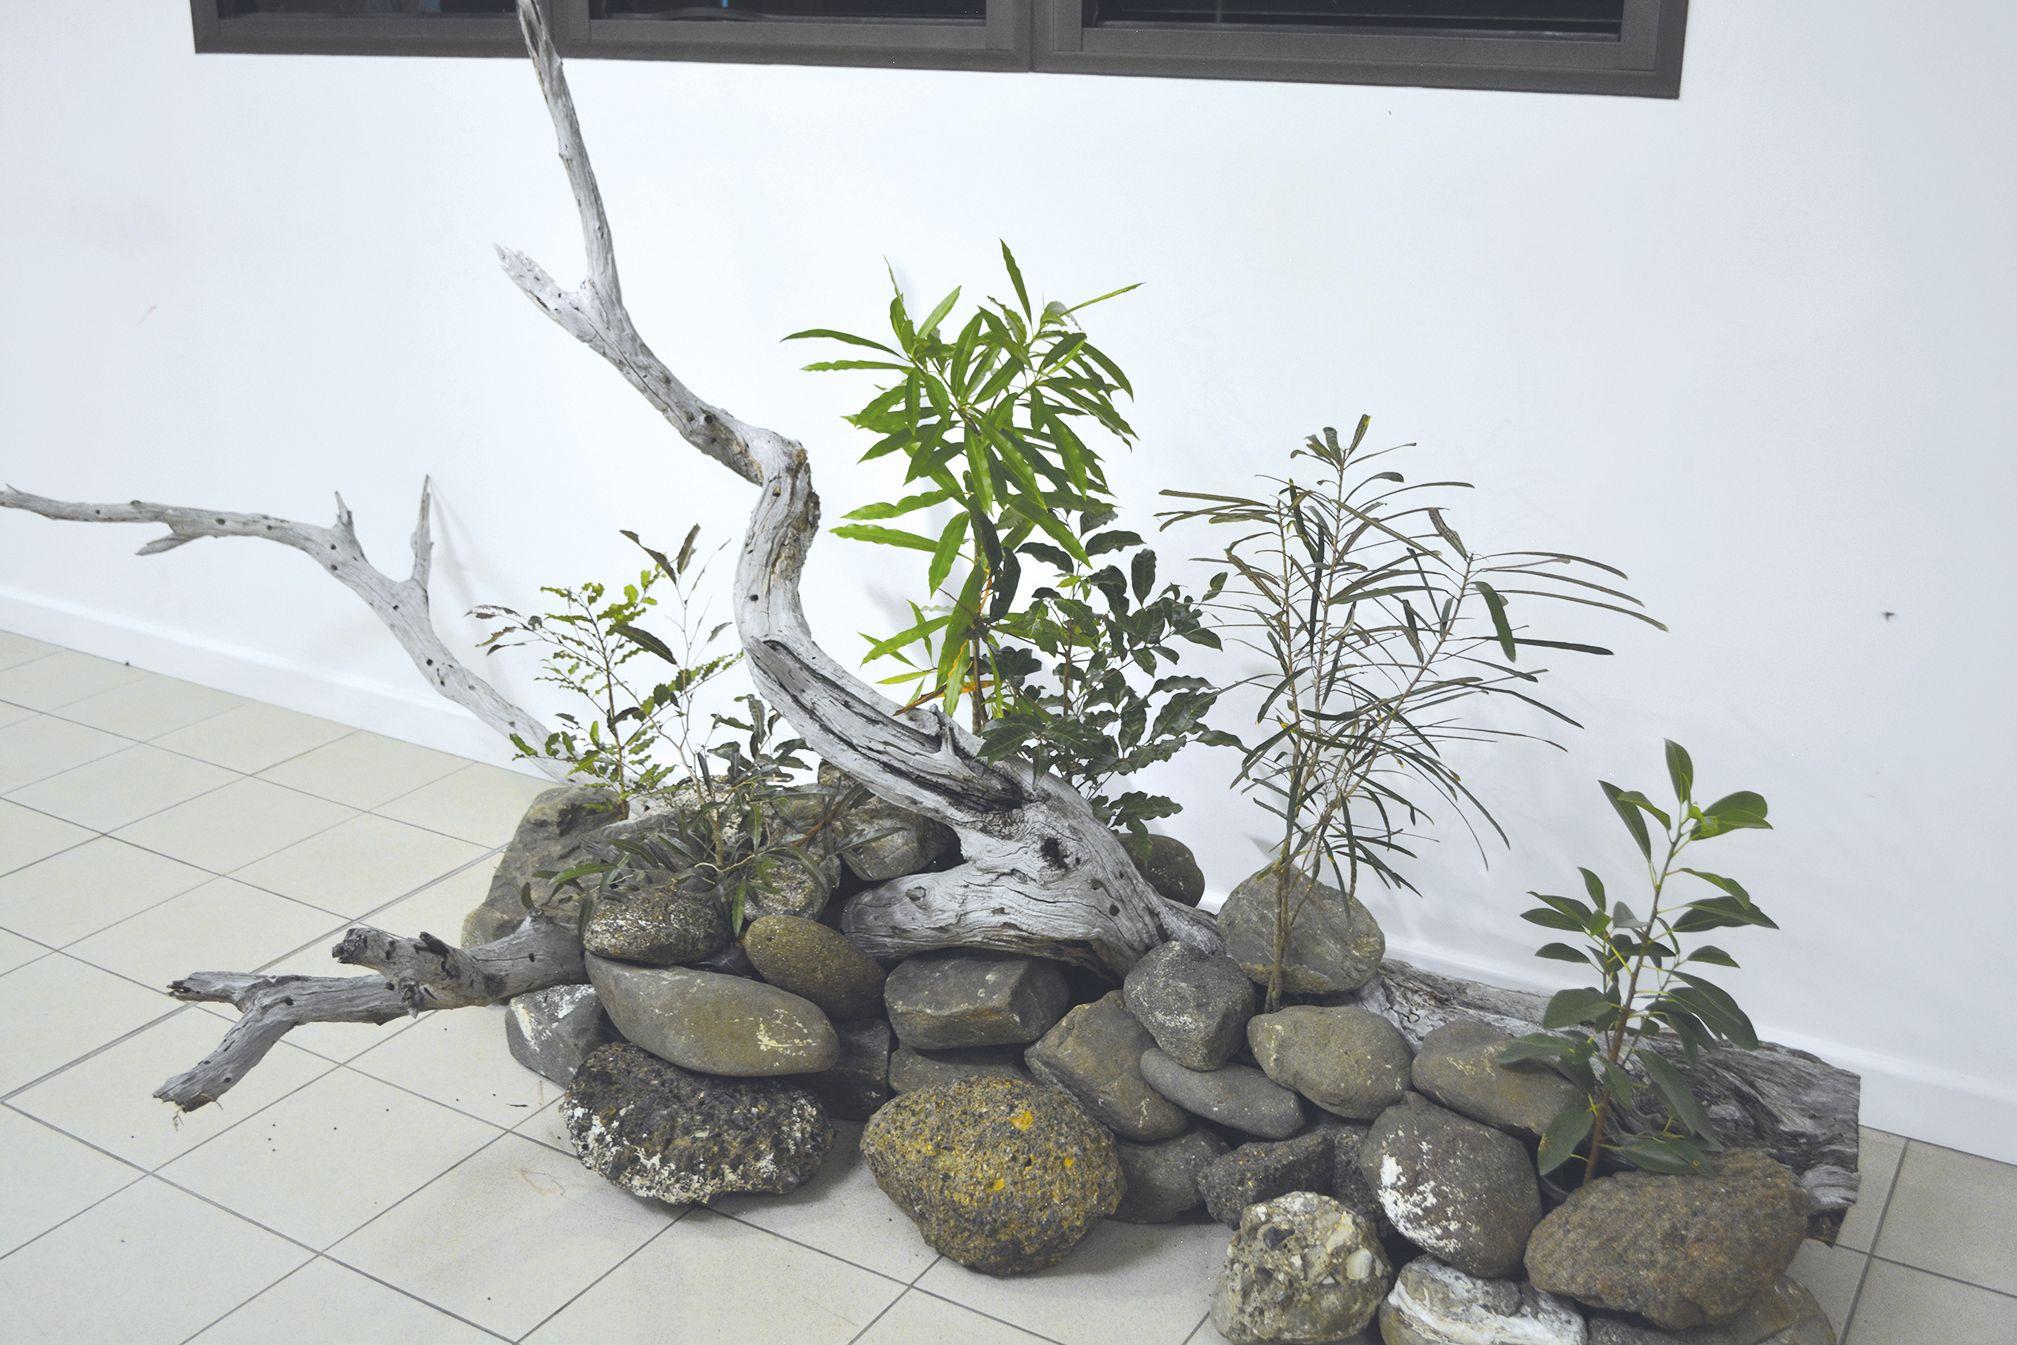 Les visiteurs ont pu découvrir plusieurs essences qui peuplent la forêt sèche de Déva, « la plus grande du pays » dixit Audrey Letocart, ingénieur responsable du développement et de la préservation du domaine de Déva. « Les visiteurs retrouveront une séle